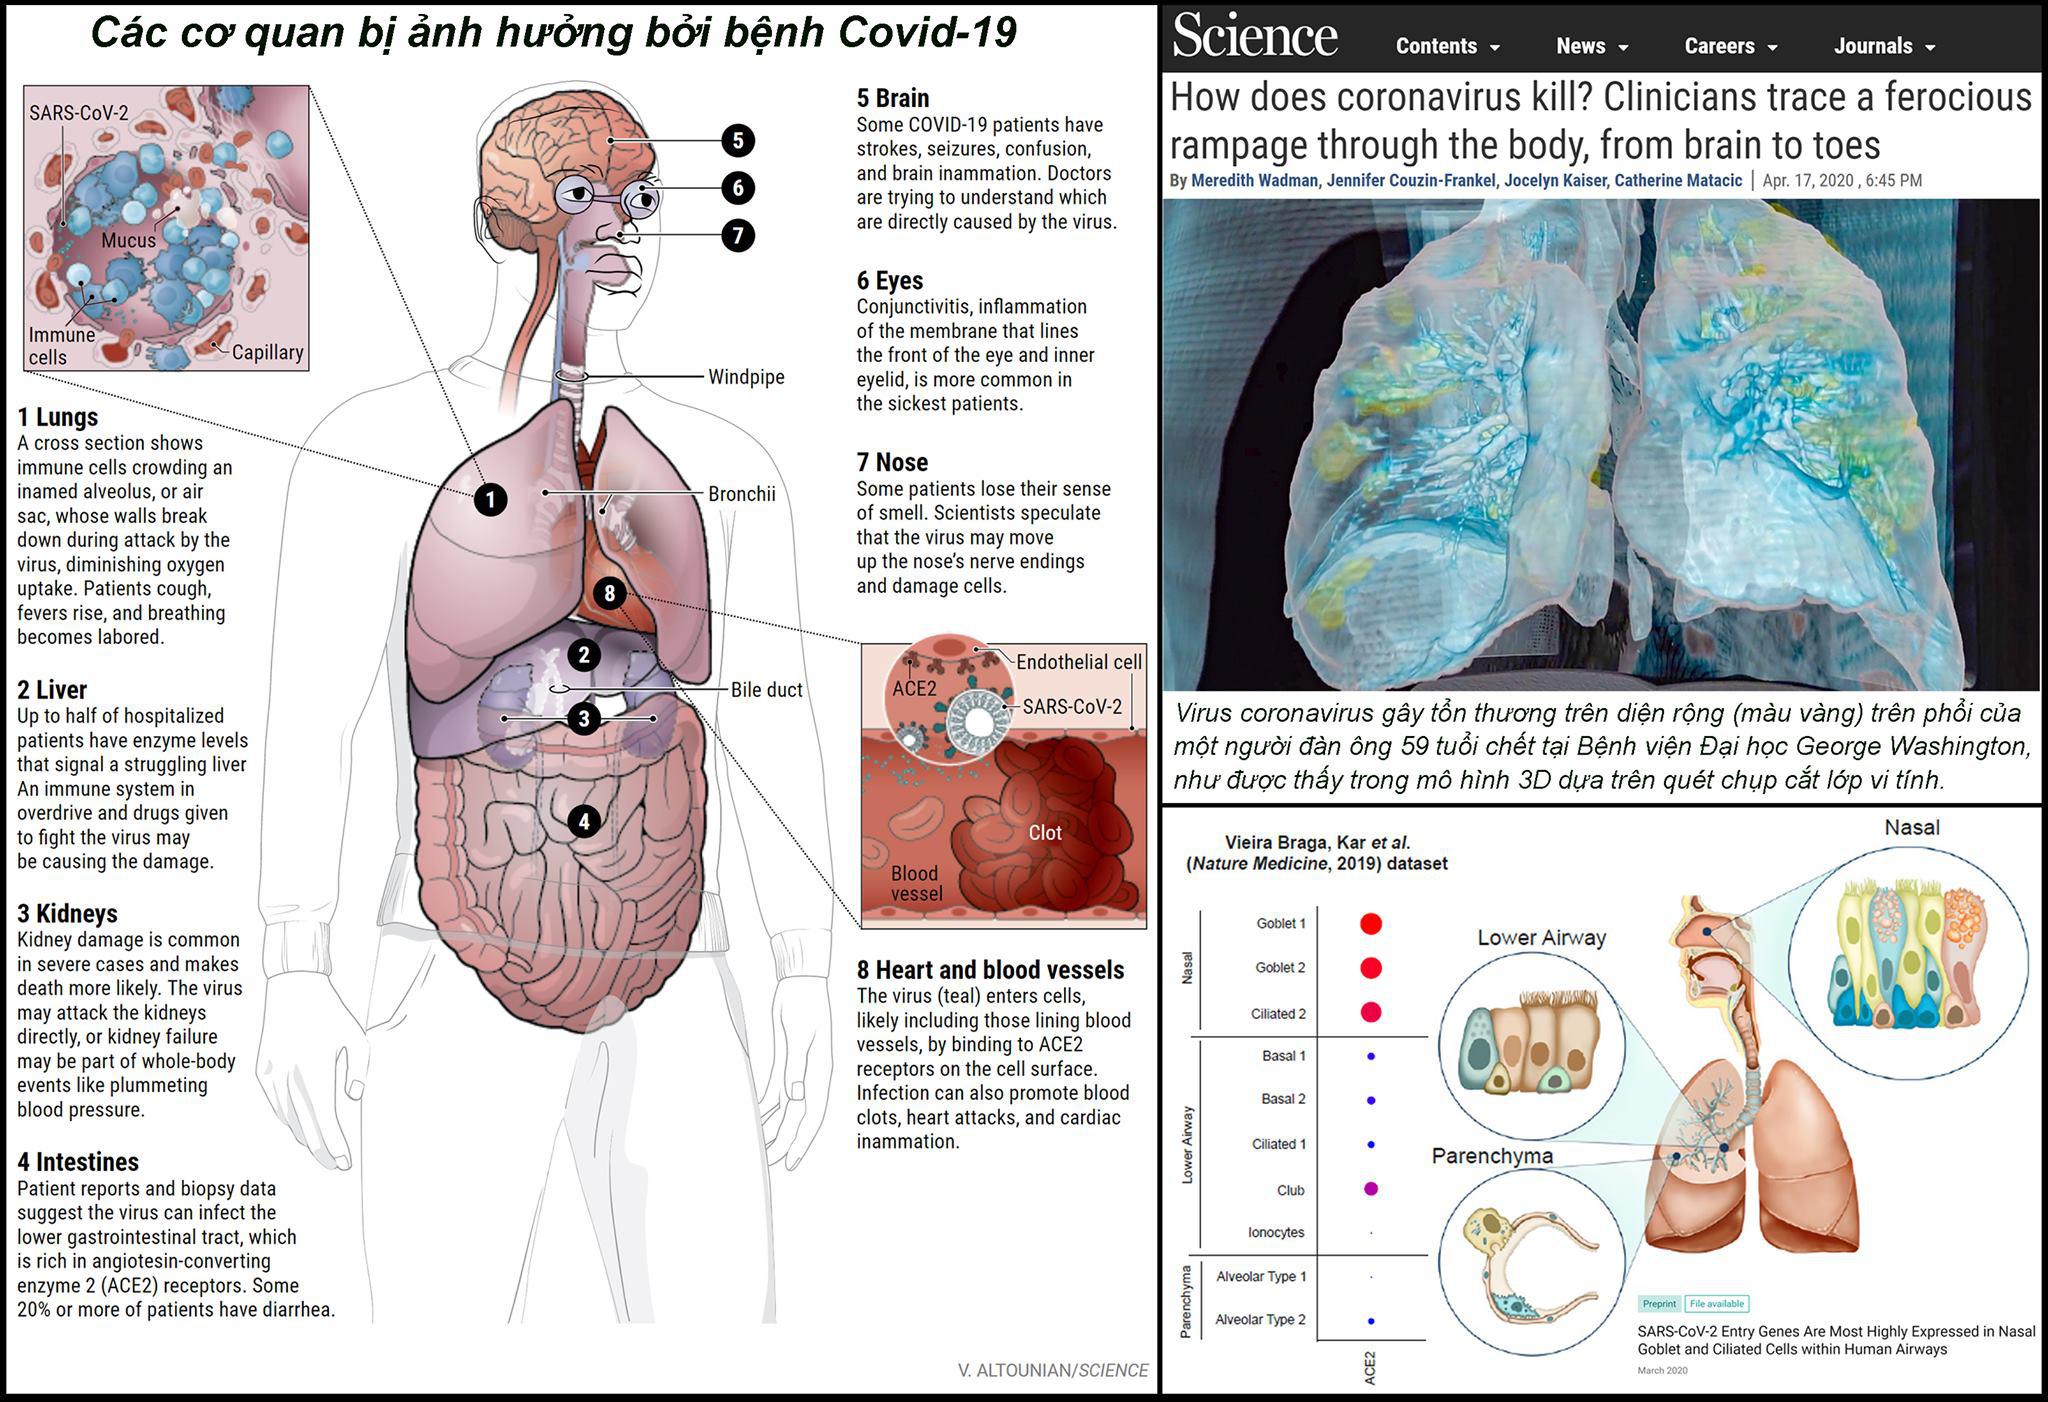 Chuyên gia cảnh báo: Những mặt trận Virus nCoV tấn công trên cơ thể con người - Ảnh 3.